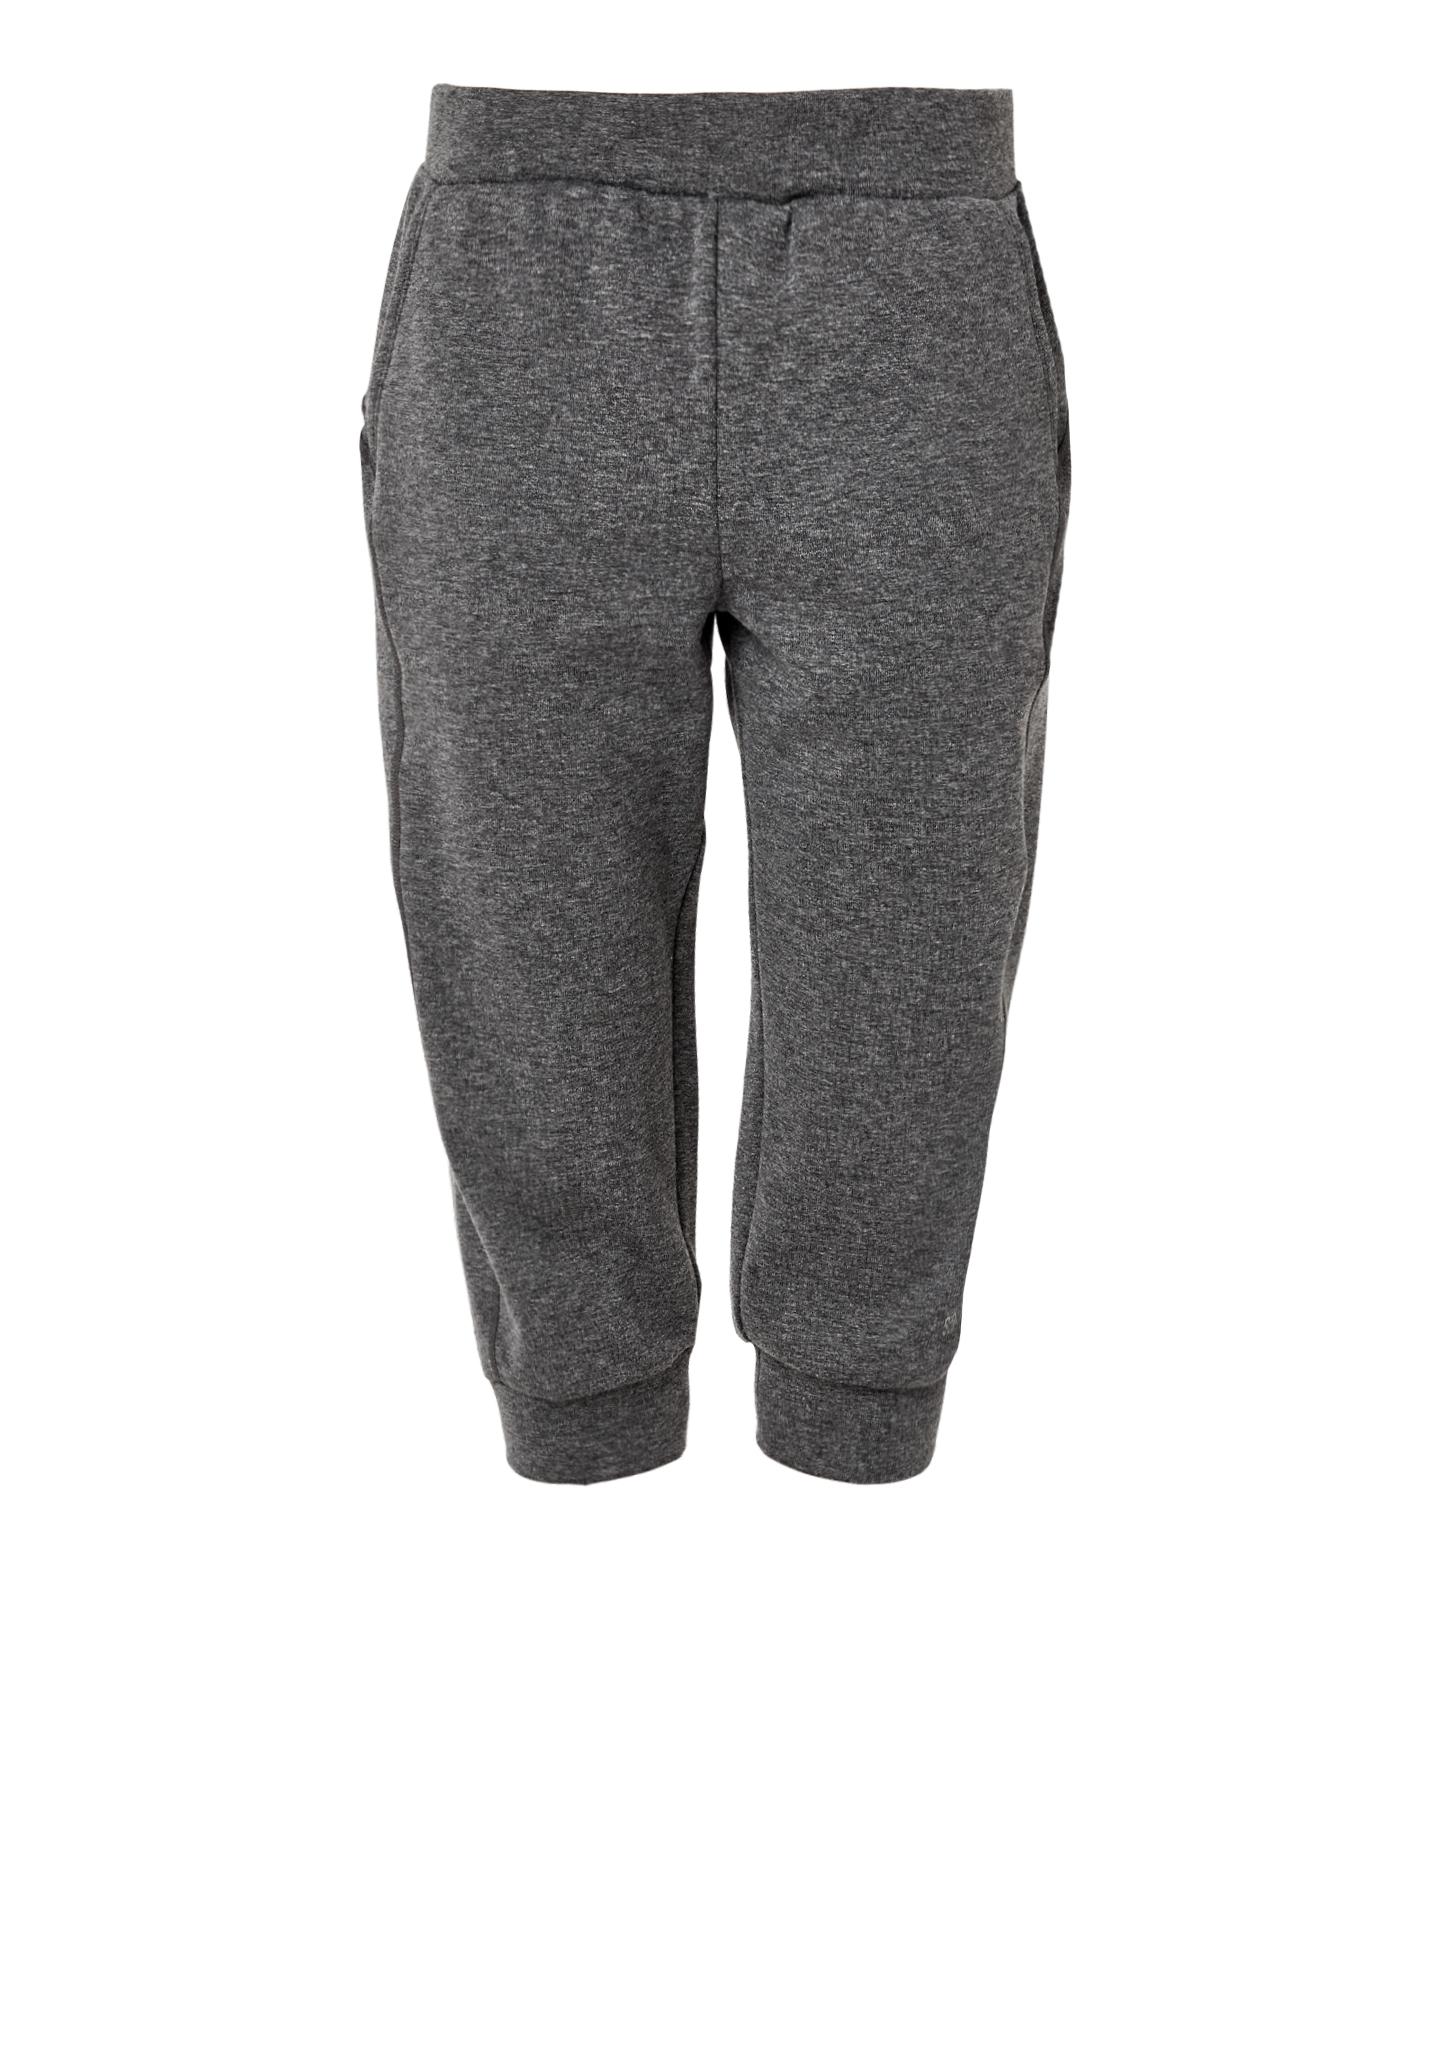 3/4-Sweat Pants | Bekleidung > Hosen > Sweathosen | Grau/schwarz | 56% polyester -  44% baumwolle | s.Oliver ACTIVE